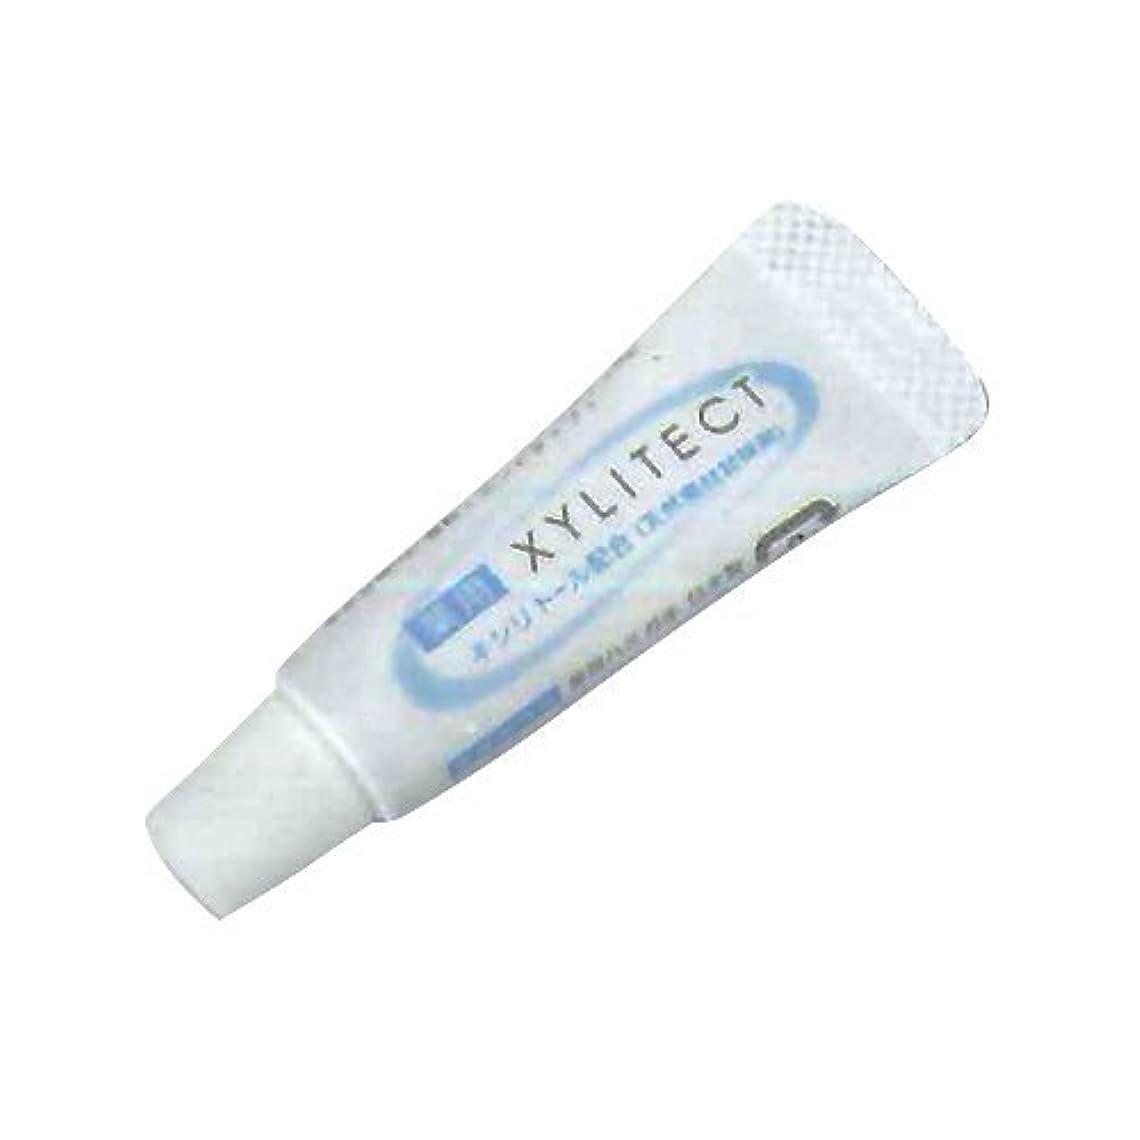 遷移海洋の詩業務用歯磨き粉 薬用キシリテクト (XYLITECT) 4.5g (個包装タイプ) | ホテルアメニティ ハミガキ toothpaste